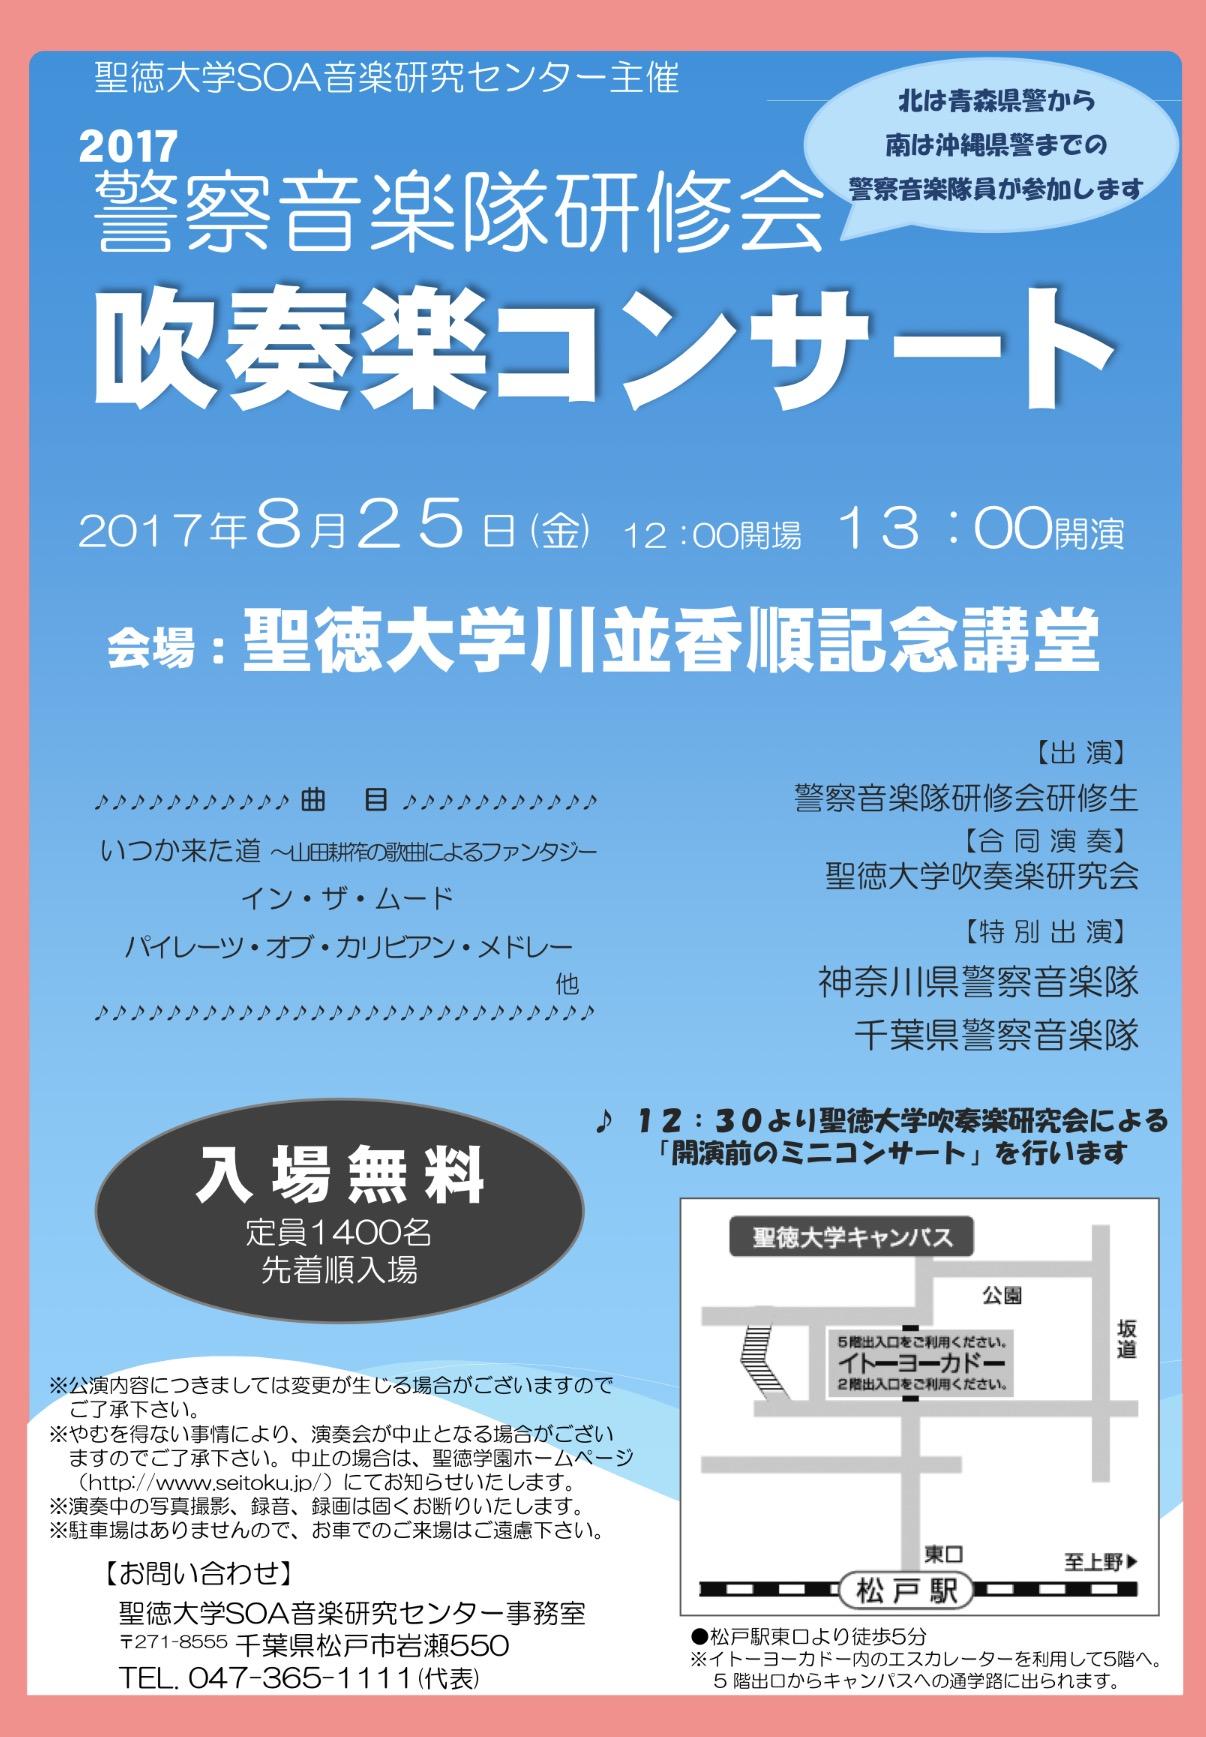 8月25日(金)「警察音楽隊研修会 吹奏楽コンサート」を開催します!